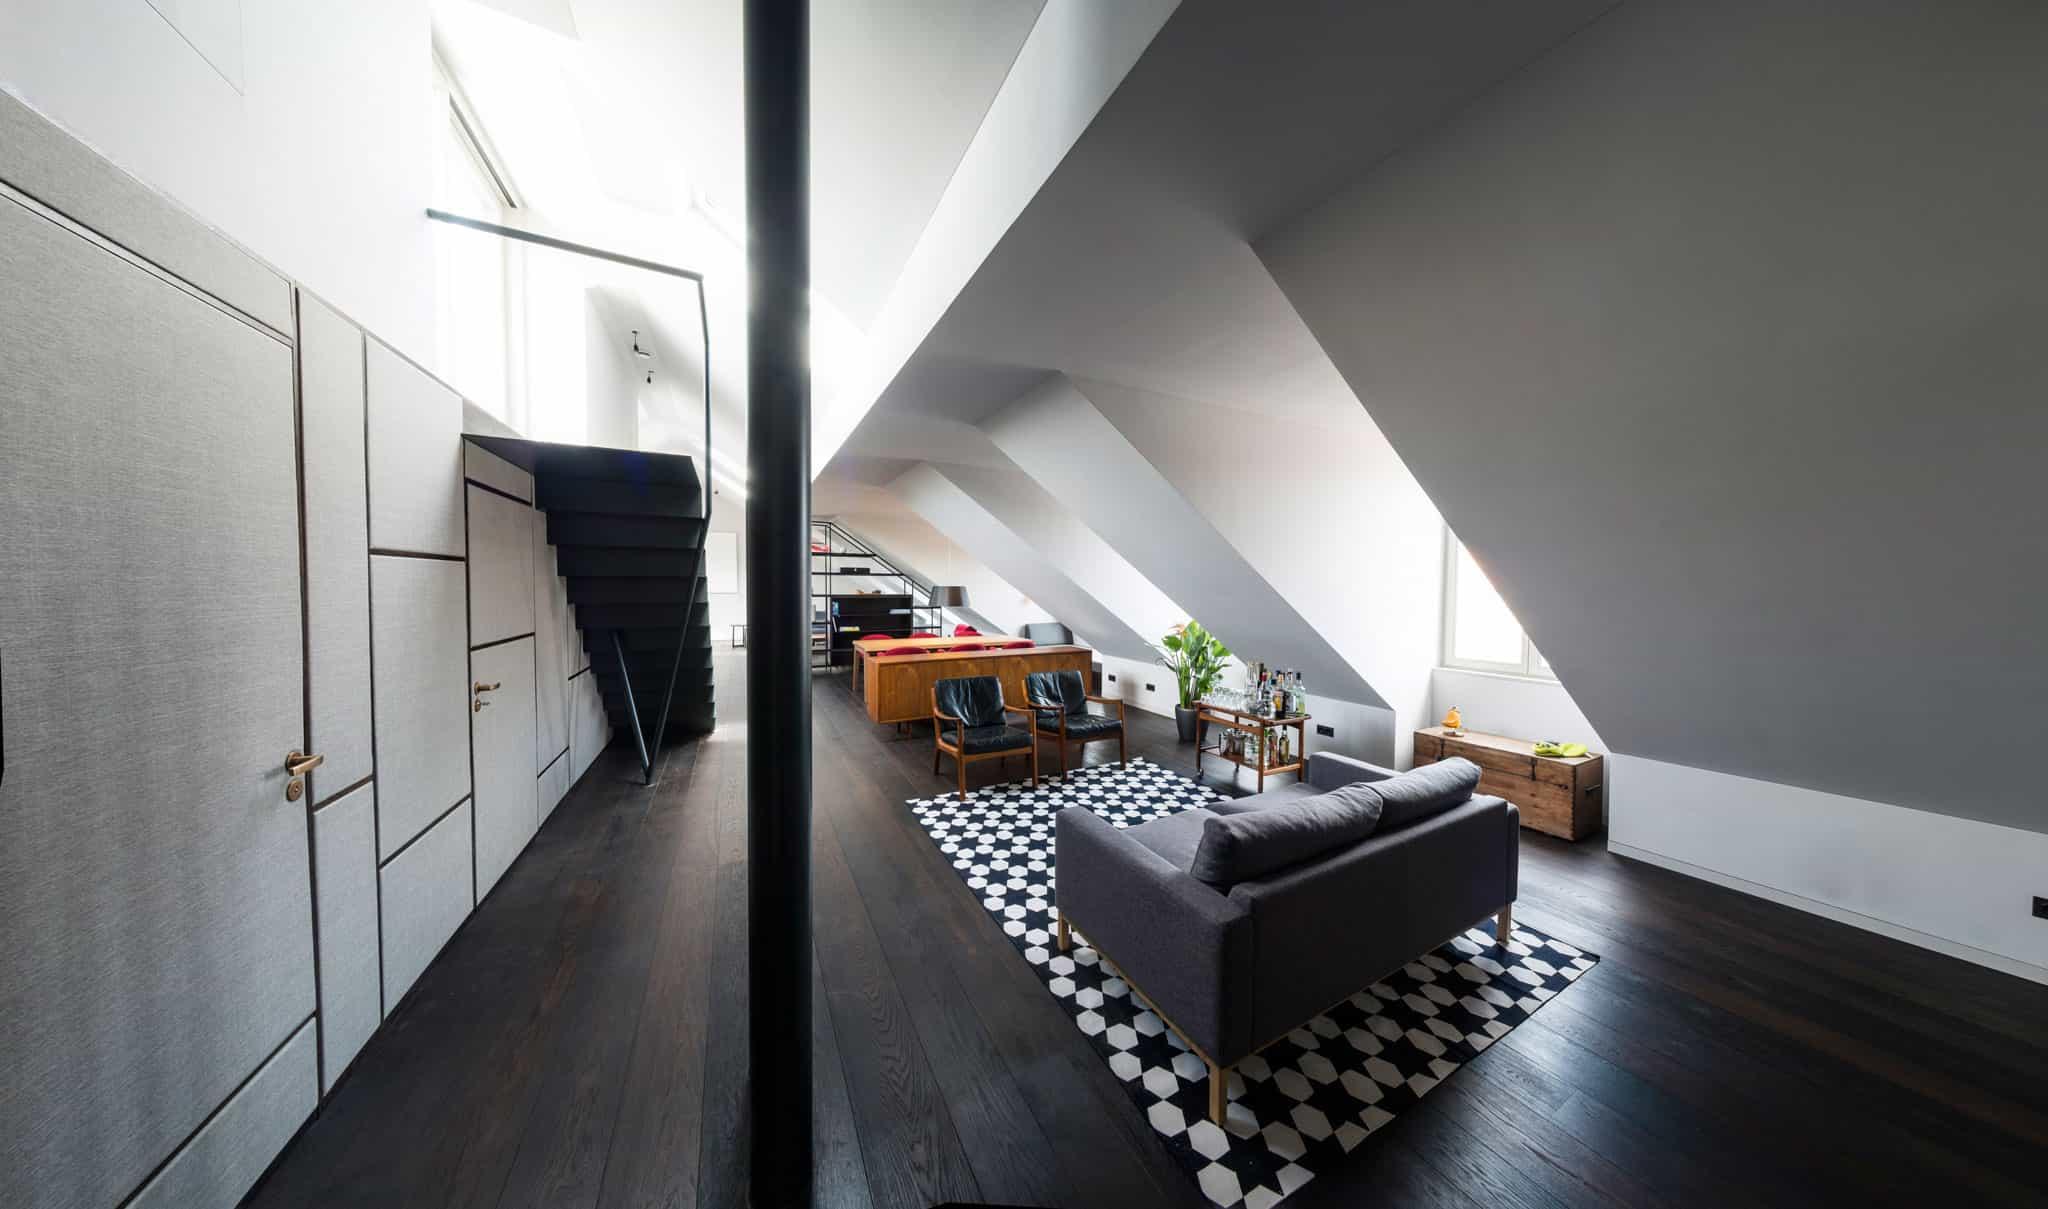 04-Loft-Wohnbereich-01